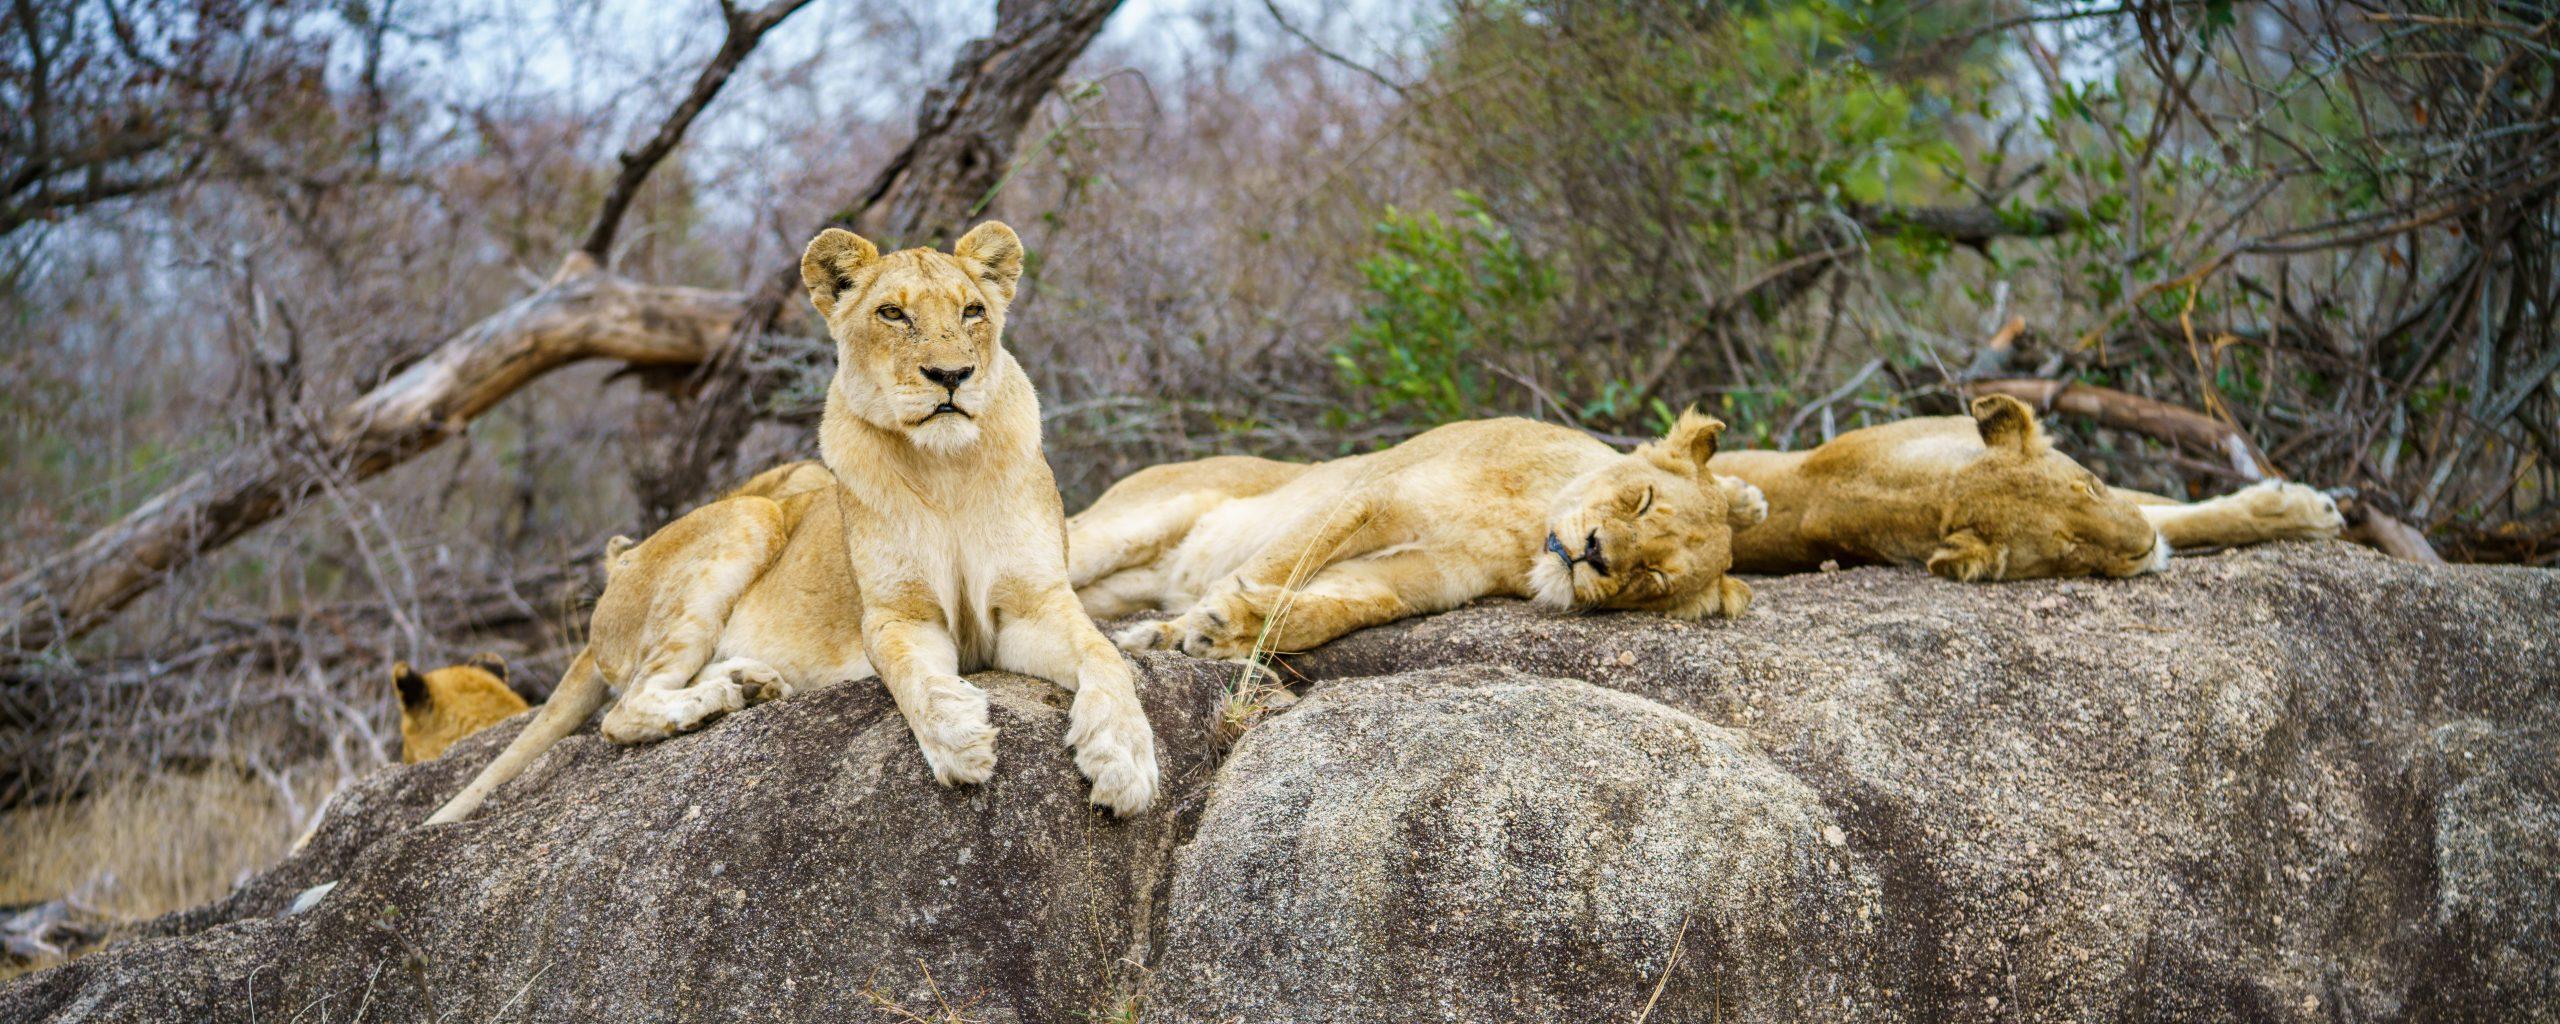 Ben jij van plan om naar Tanzania te gaan? Bekijk de big five!